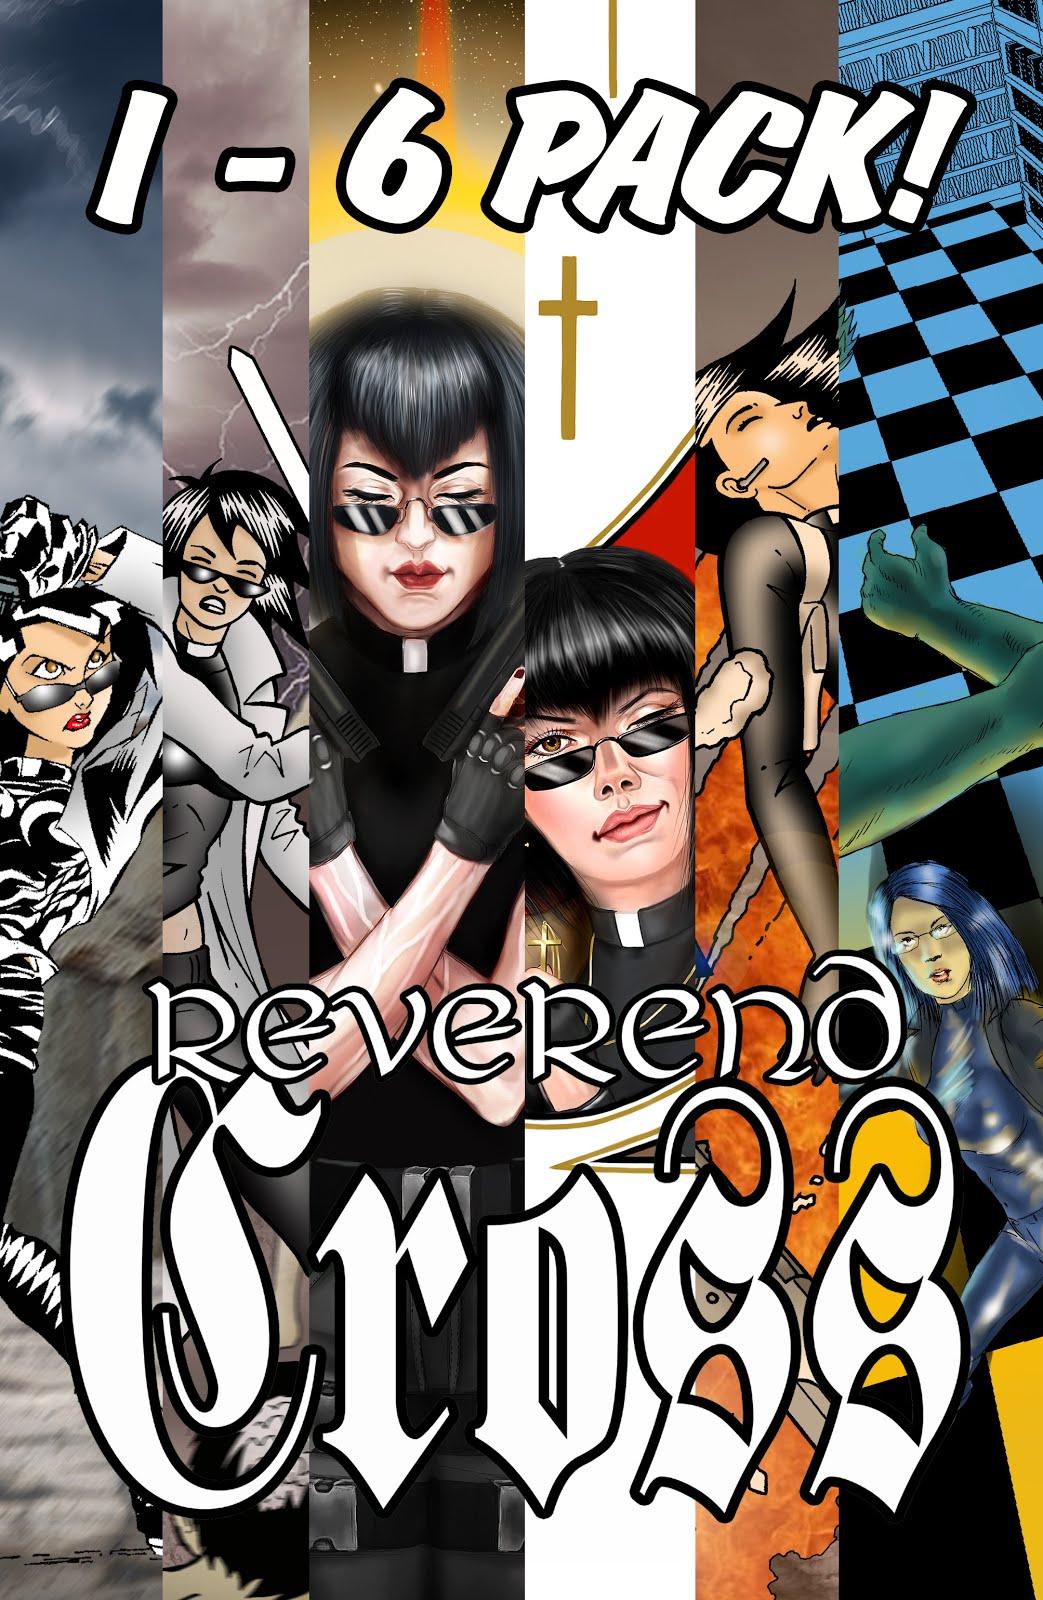 Buy REVEREND CROSS issues 1 - 6 value packs below!